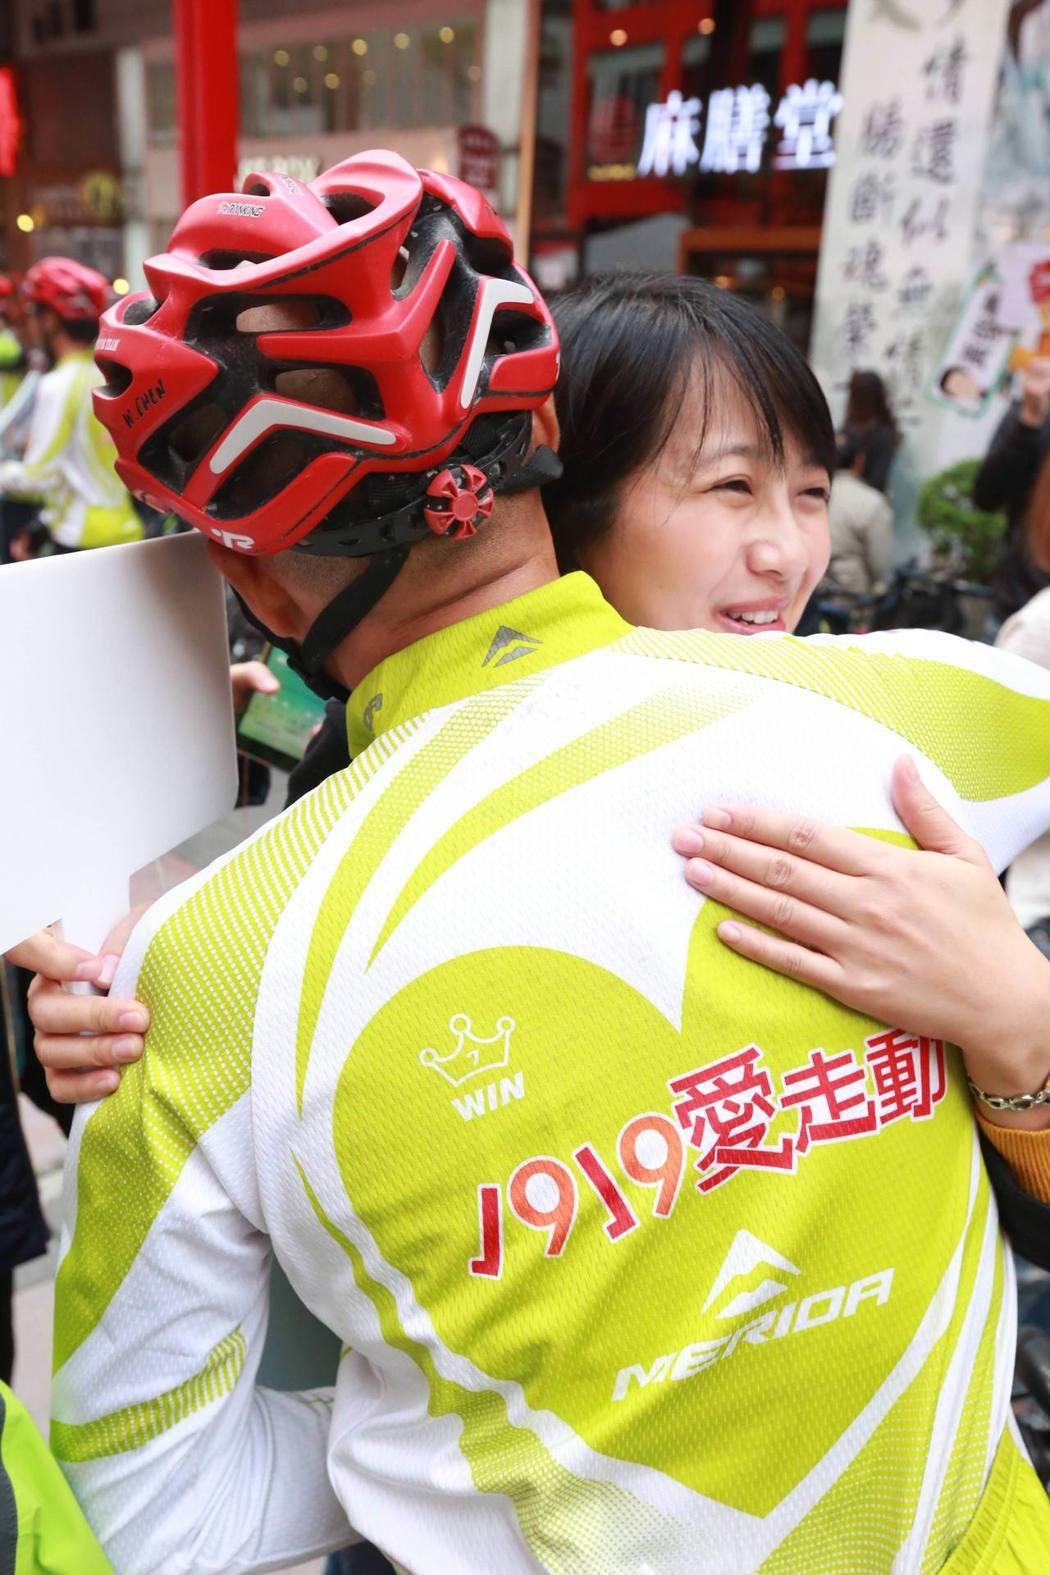 環台募款勇士抵達終點站台北信義威秀影城,與親友感動擁抱。基督教救助協會/提供